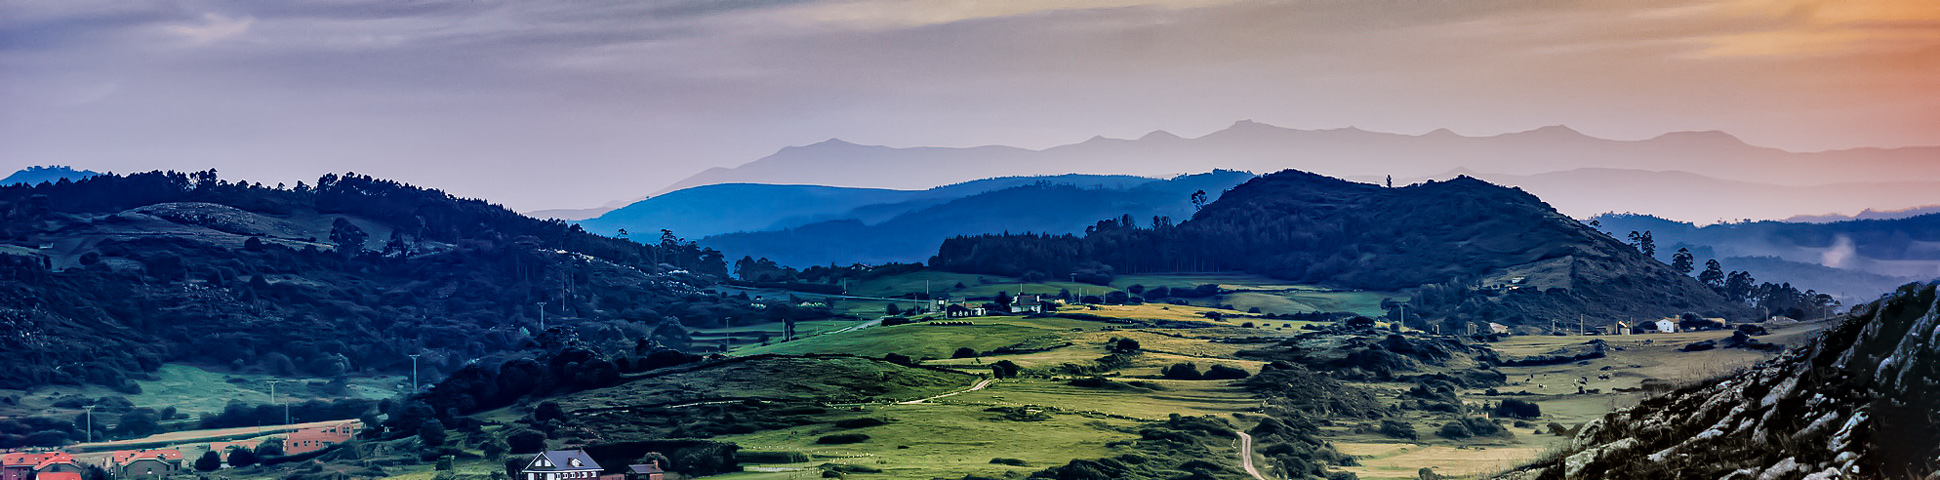 Panoramic view from Camino de Santiago Northern Way Tour